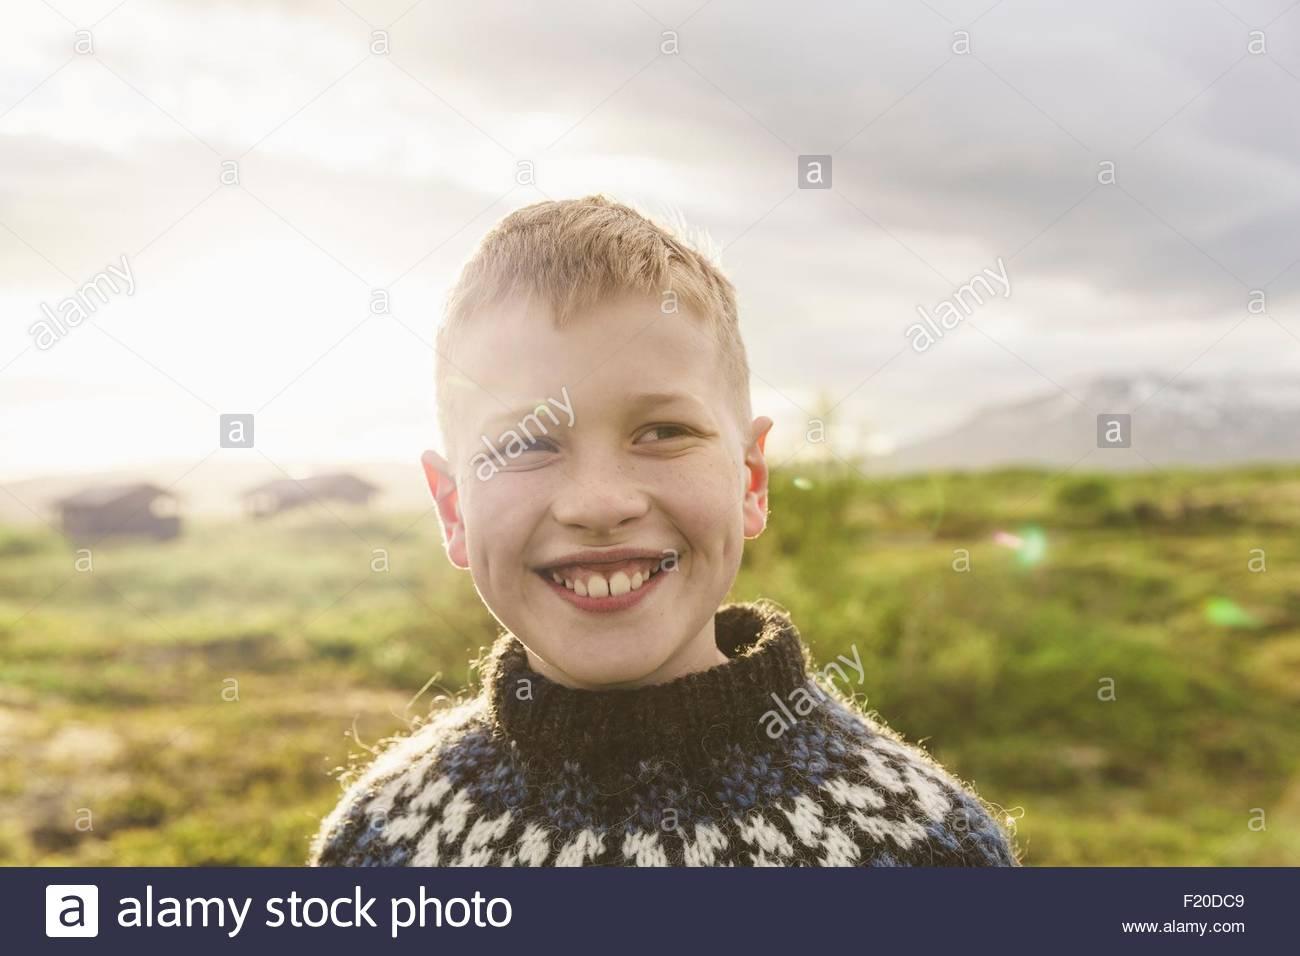 a5b01b26d Boy Wearing Sweater Stock Photos   Boy Wearing Sweater Stock Images ...